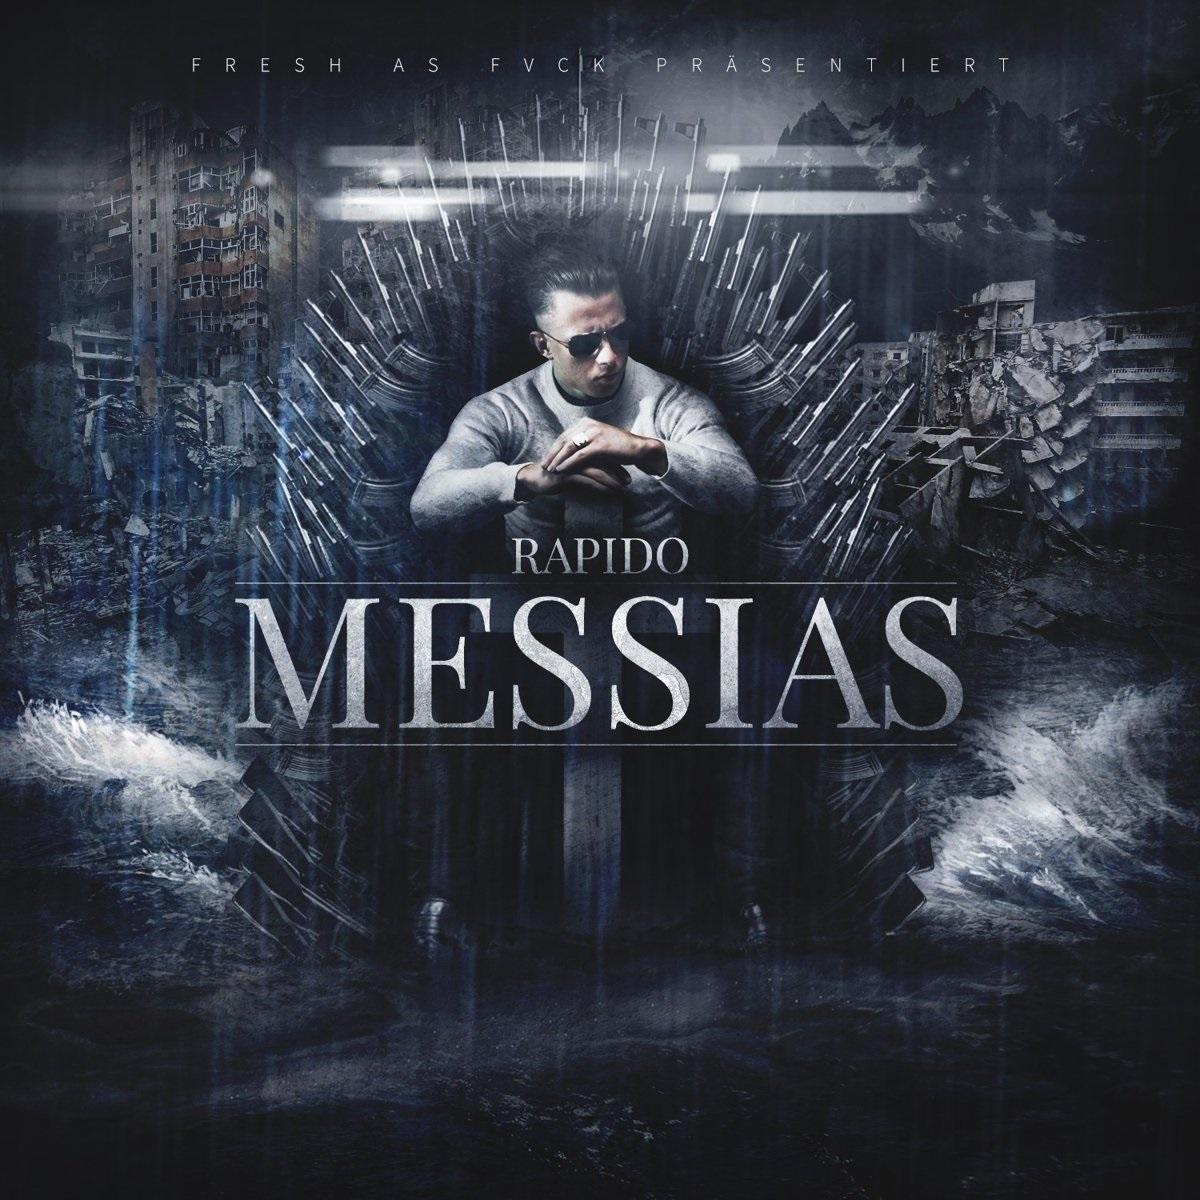 Rapido - Messias